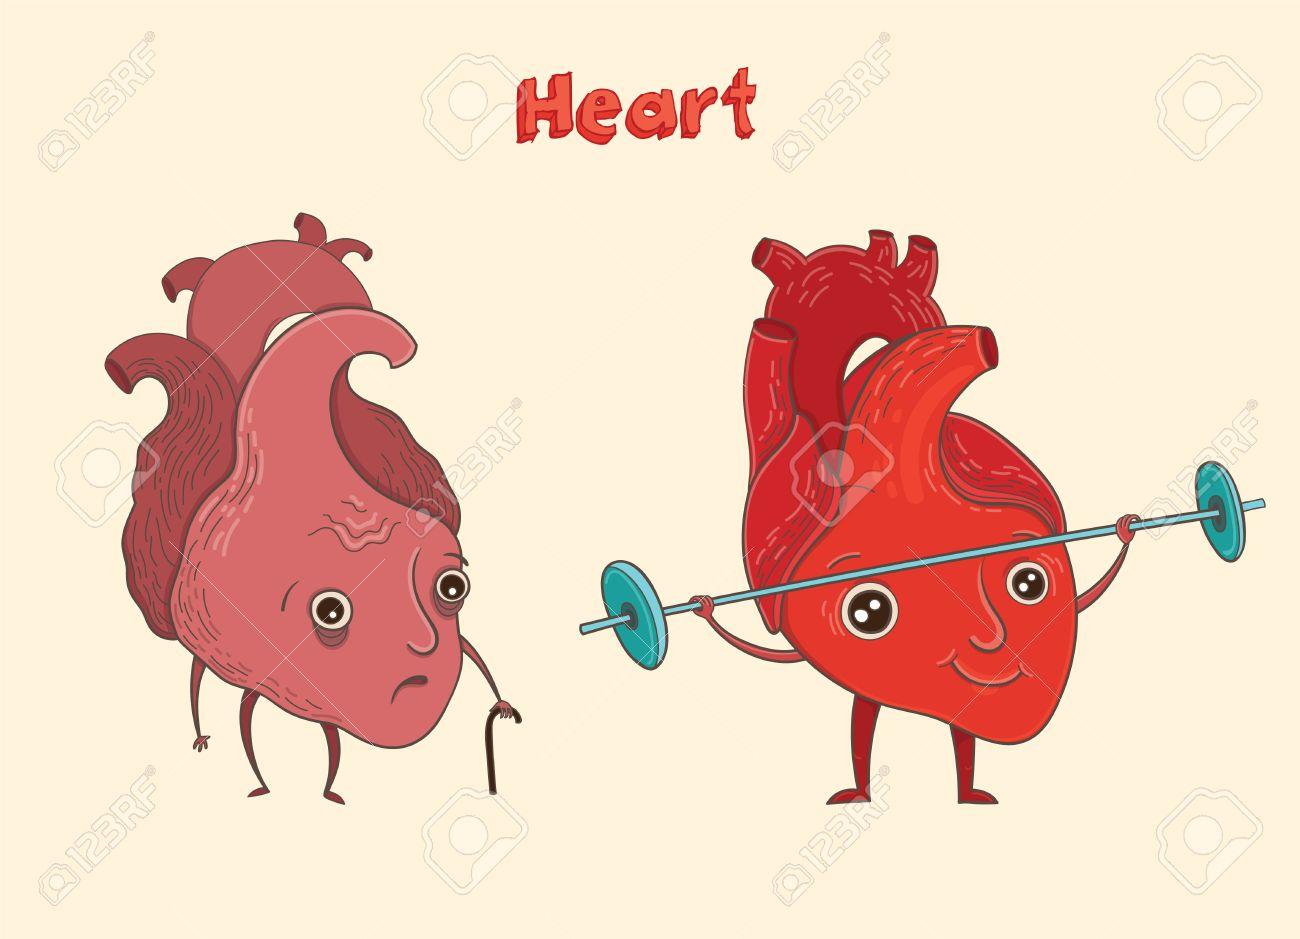 Ilustración Vectorial De Dibujos Animados De Corazón Humano Sano Y ...